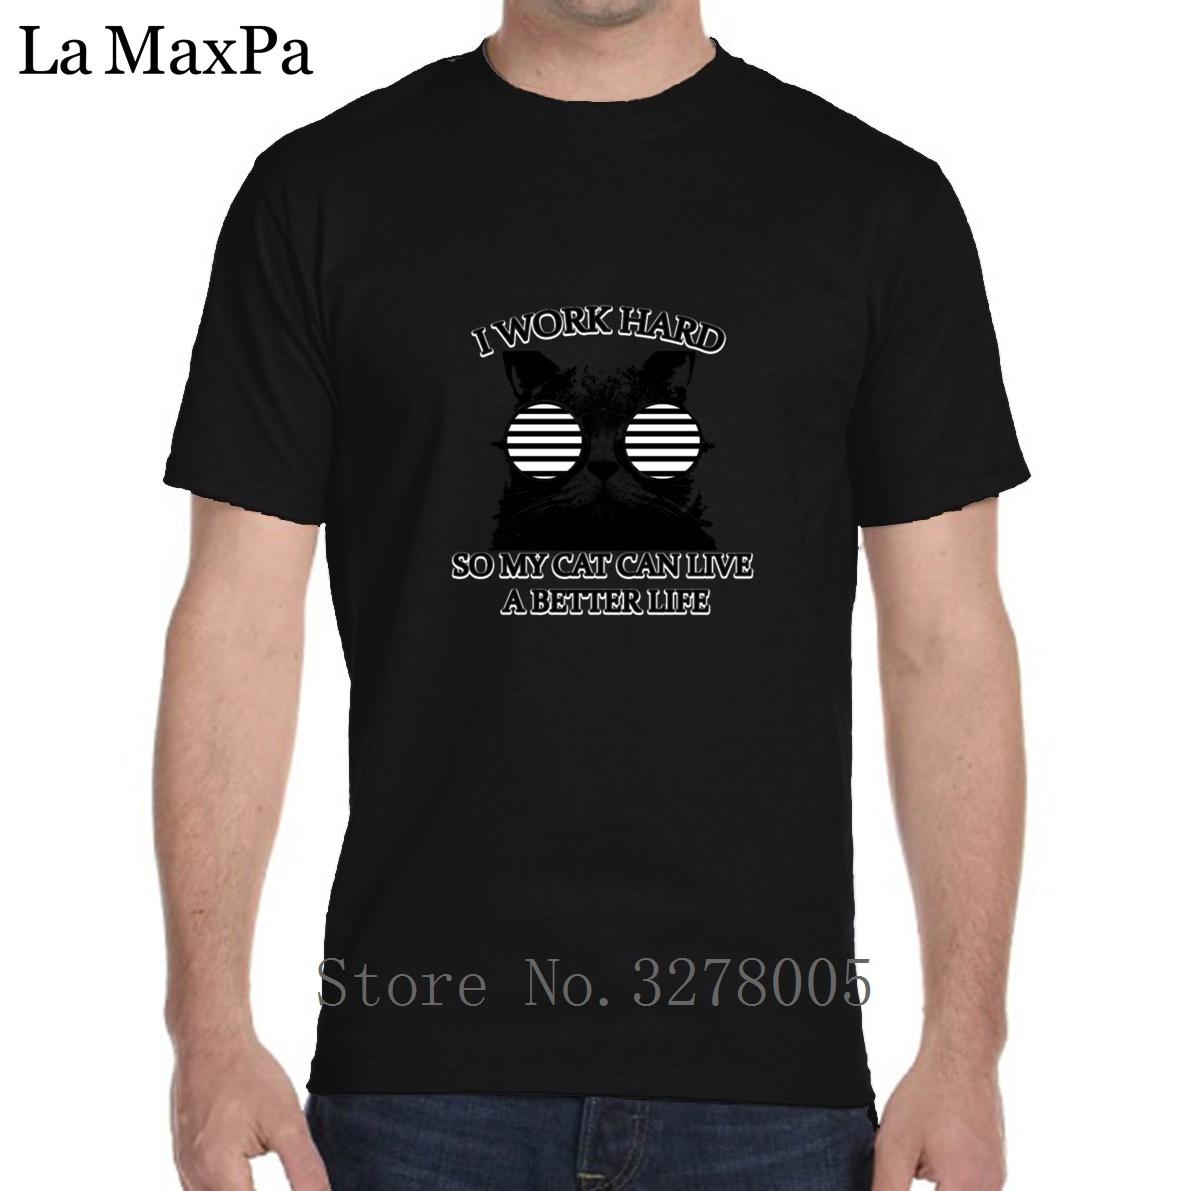 Печать футболка человек одежда повседневная кошка лучшая жизнь футболка для мужчин Каваи хлопок Camisas Hombre лето стиль размер S-3xl